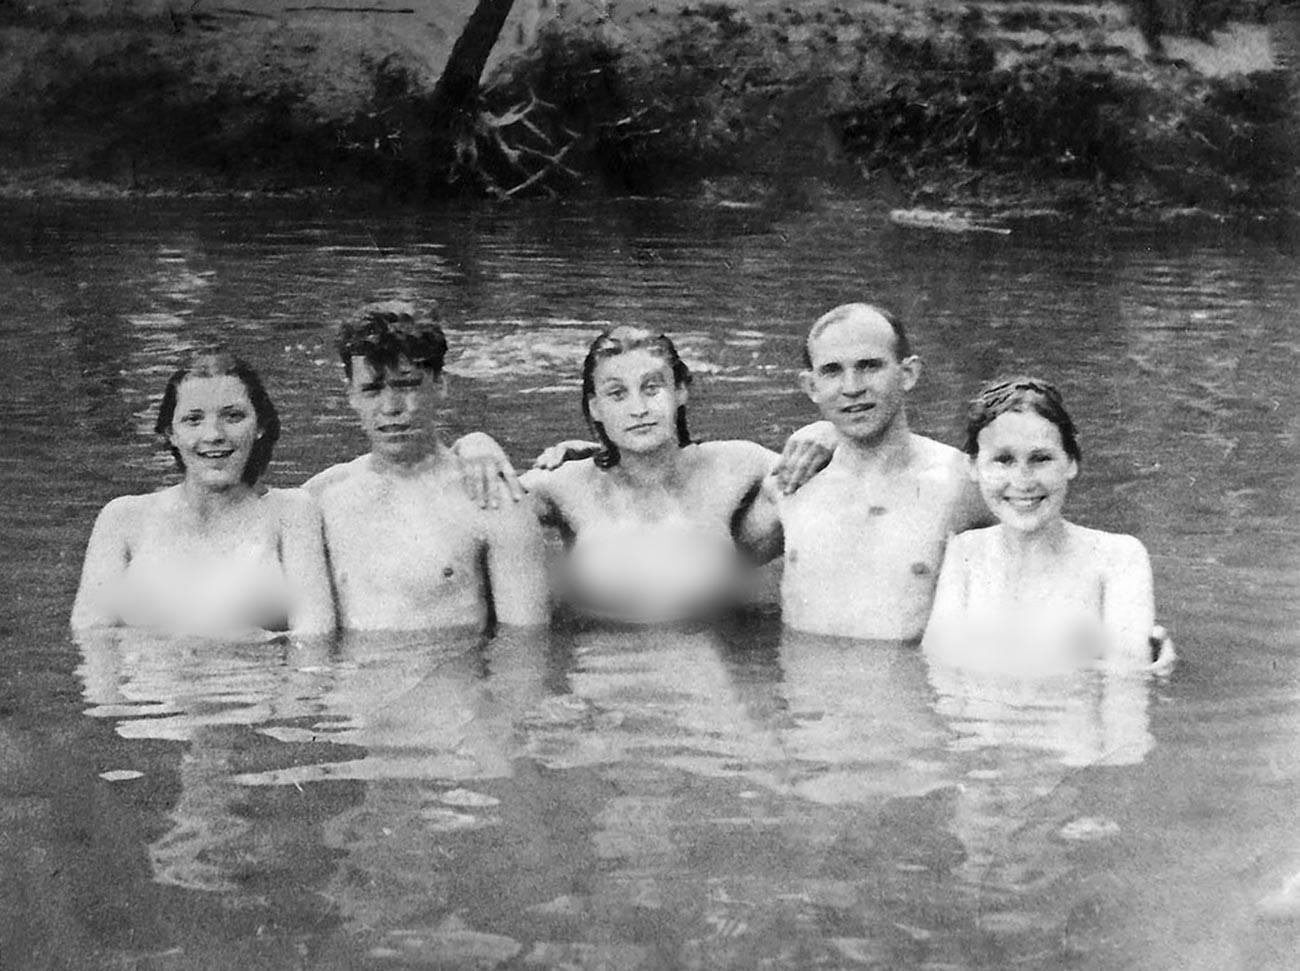 モスクワ川で泳ぐ工場「スタンダルトベトン」のコムソモール員たち。1940年